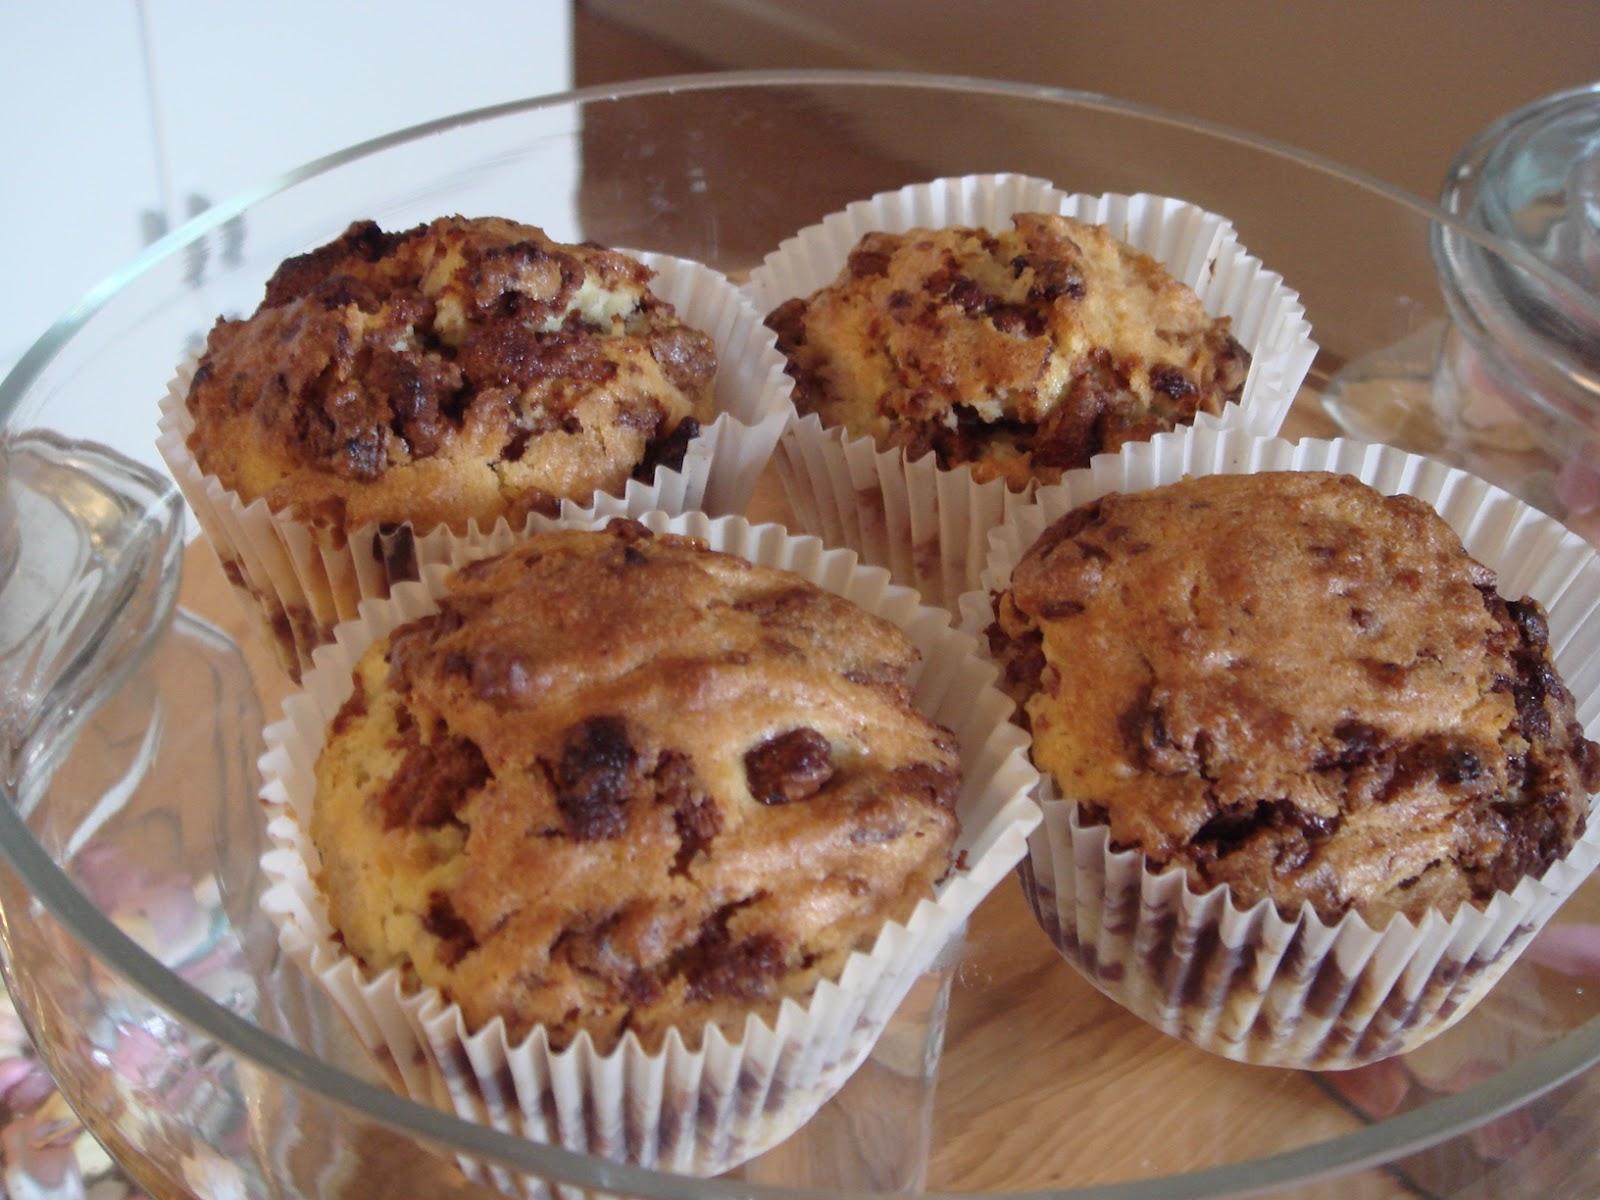 les recettes d 39 emilie muffins milka. Black Bedroom Furniture Sets. Home Design Ideas